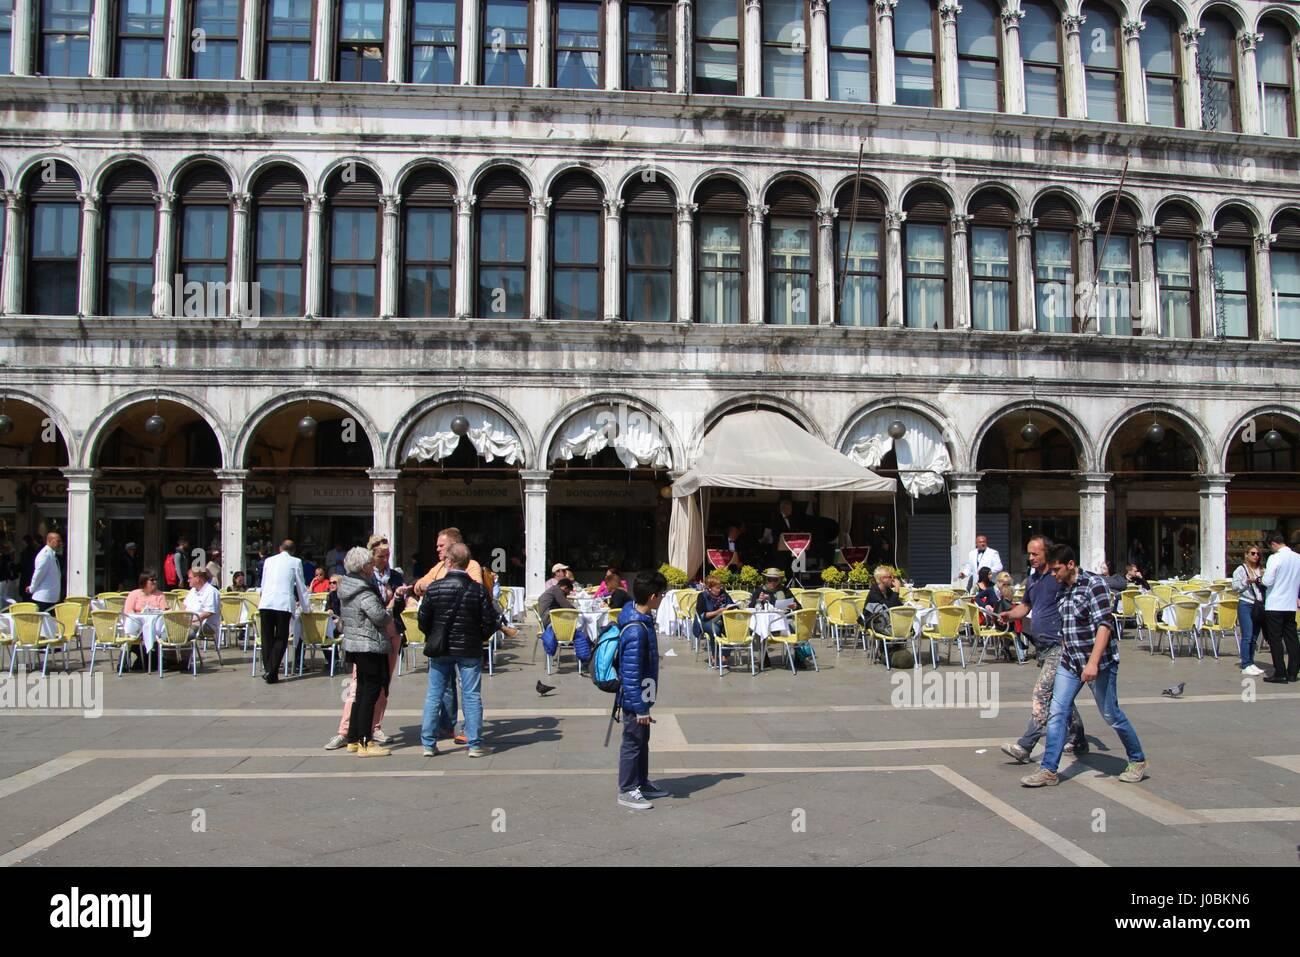 Por la mañana en la plaza de San Marcos. No hay muchos turistas, sin embargo, la cafetería de la calle está casi vacía. Italia, Europa. Foto de stock